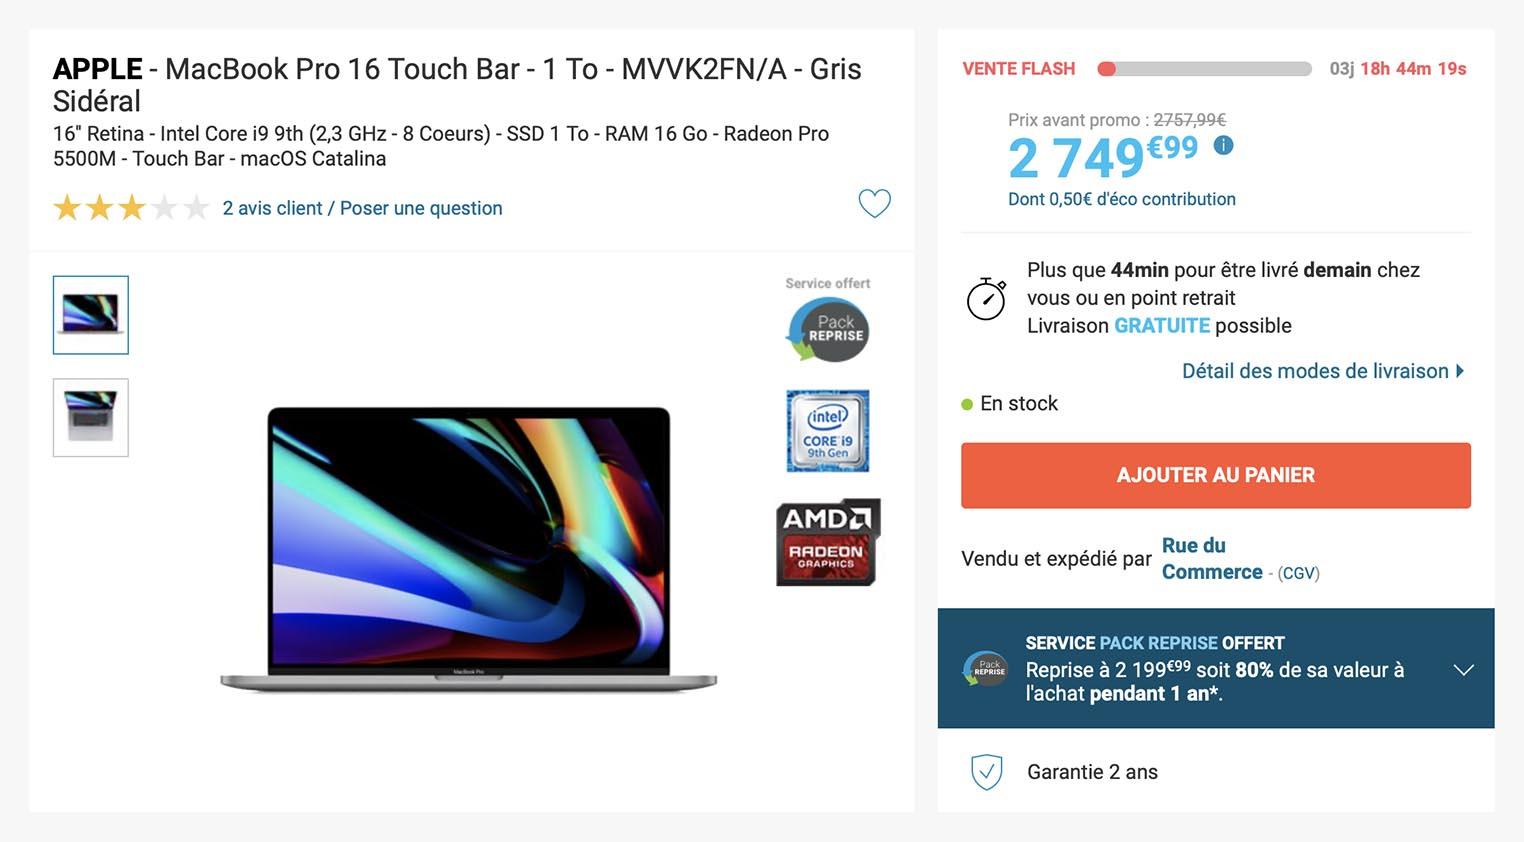 Vente flash MacBook Pro 16 pouces Rue du Commerce